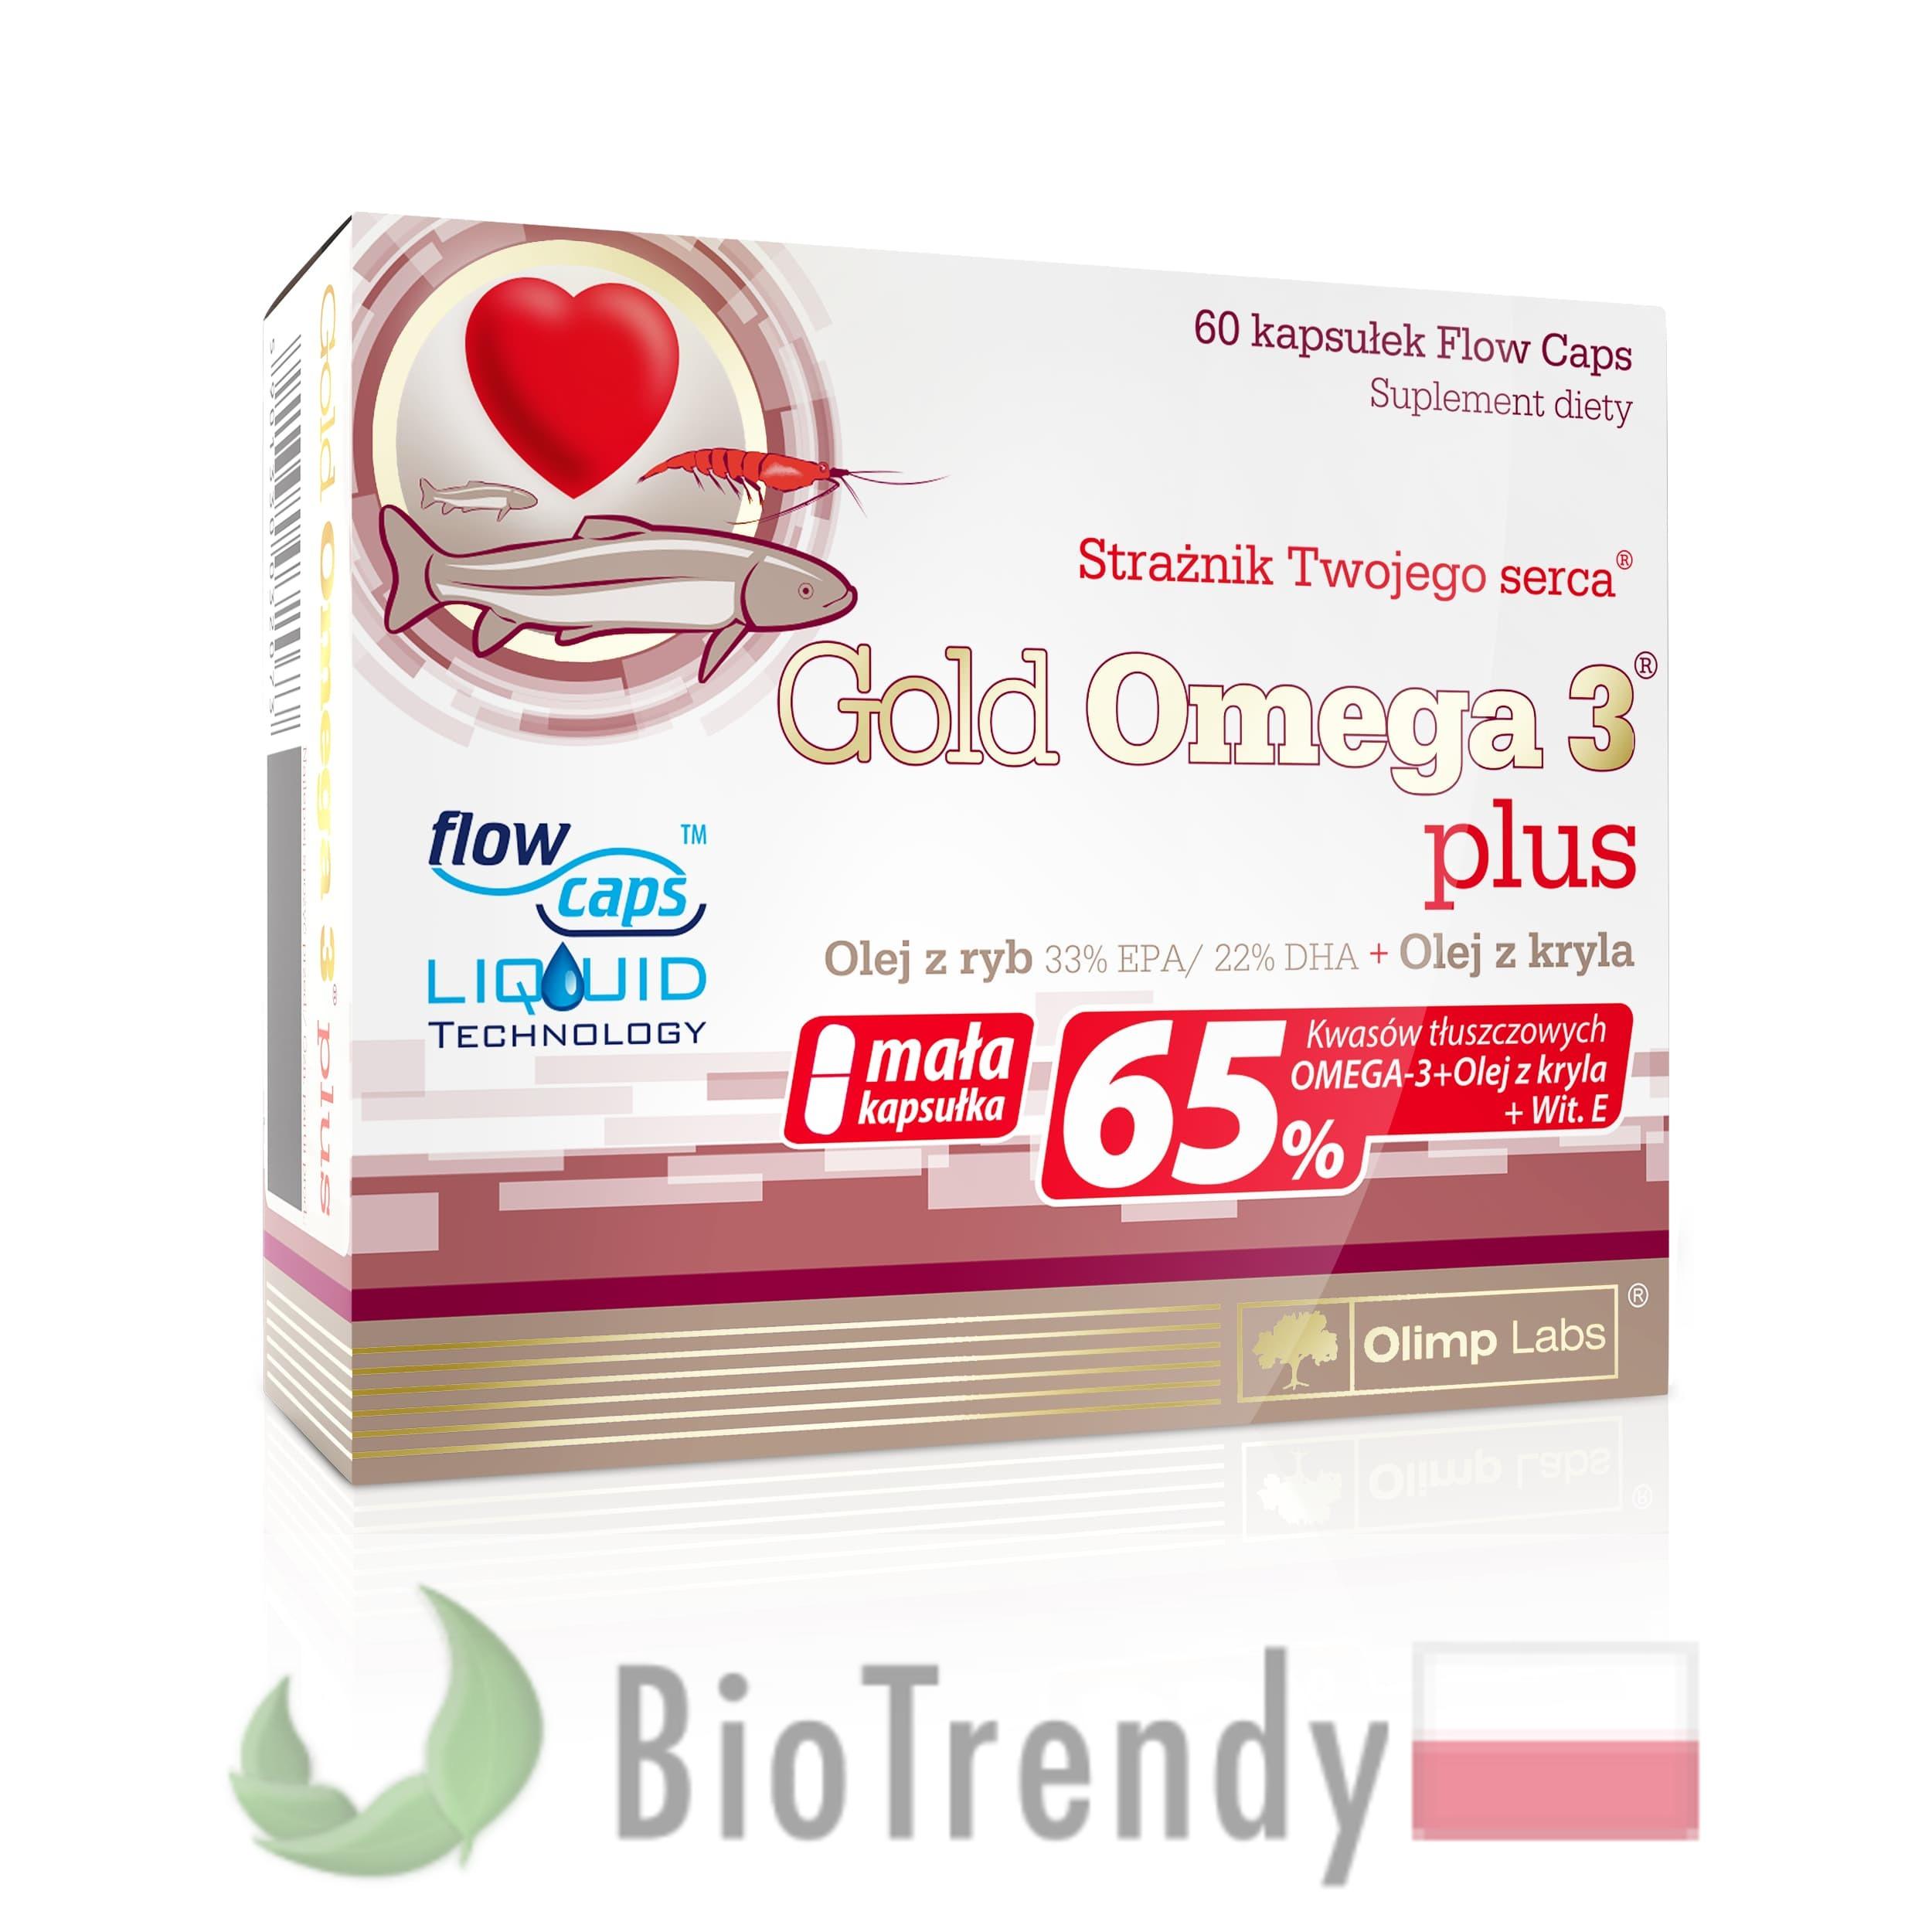 Kwasy tłuszczowe – kwasy tłuszczowe nasycone – kwasy tłuszczowe nienasycone – omega 3 6 9 – nienasycone kwasy tłuszczowe – nasycone kwasy tyłuszczowe